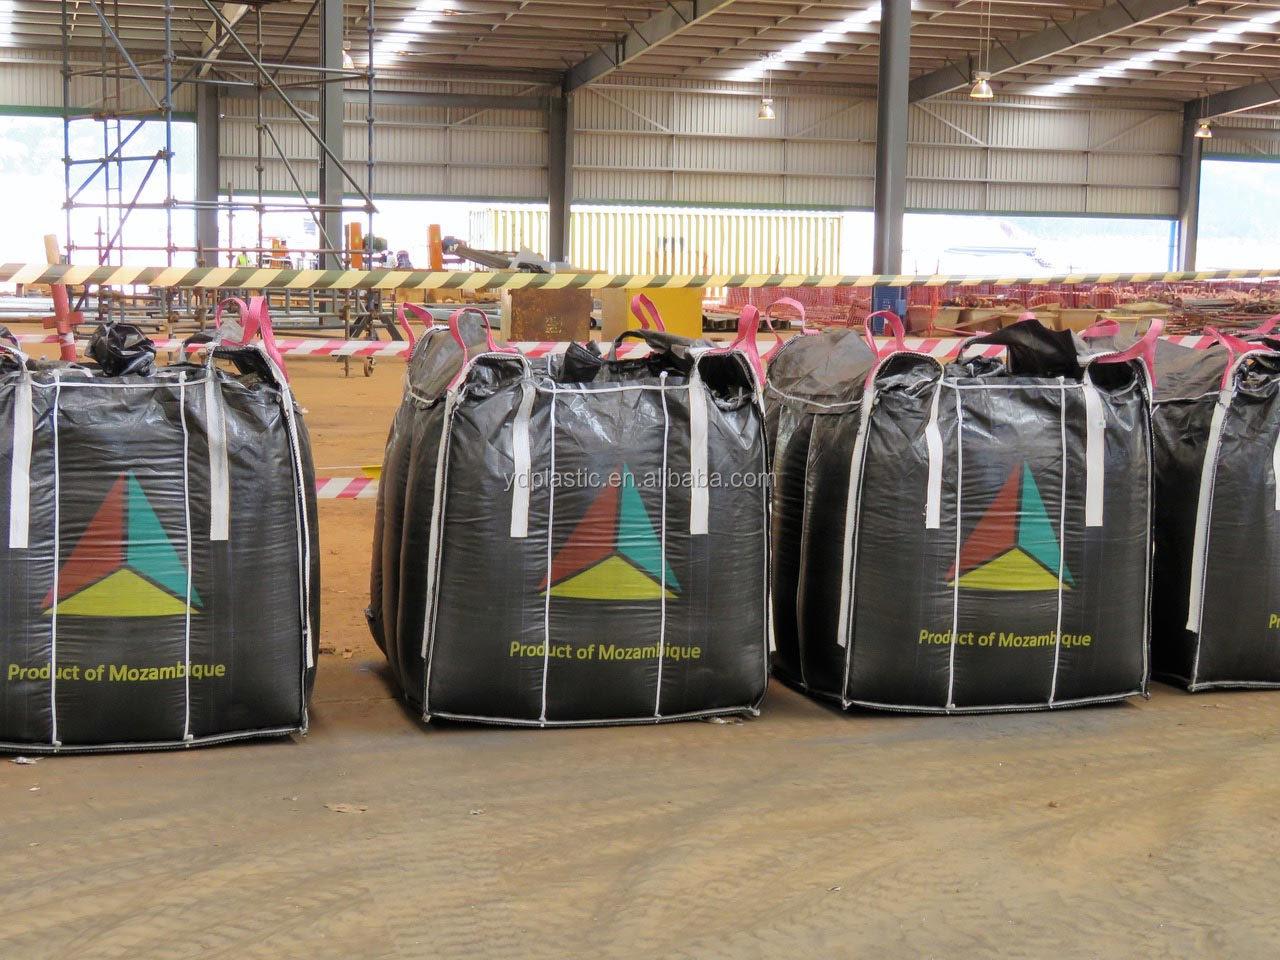 Jumbo Bag N330 Karbon Hitam Tas 2 Kali Dapat Digunakan Kembali Aspal Jumbo Bag 2ton 1ton untuk Carbon Black